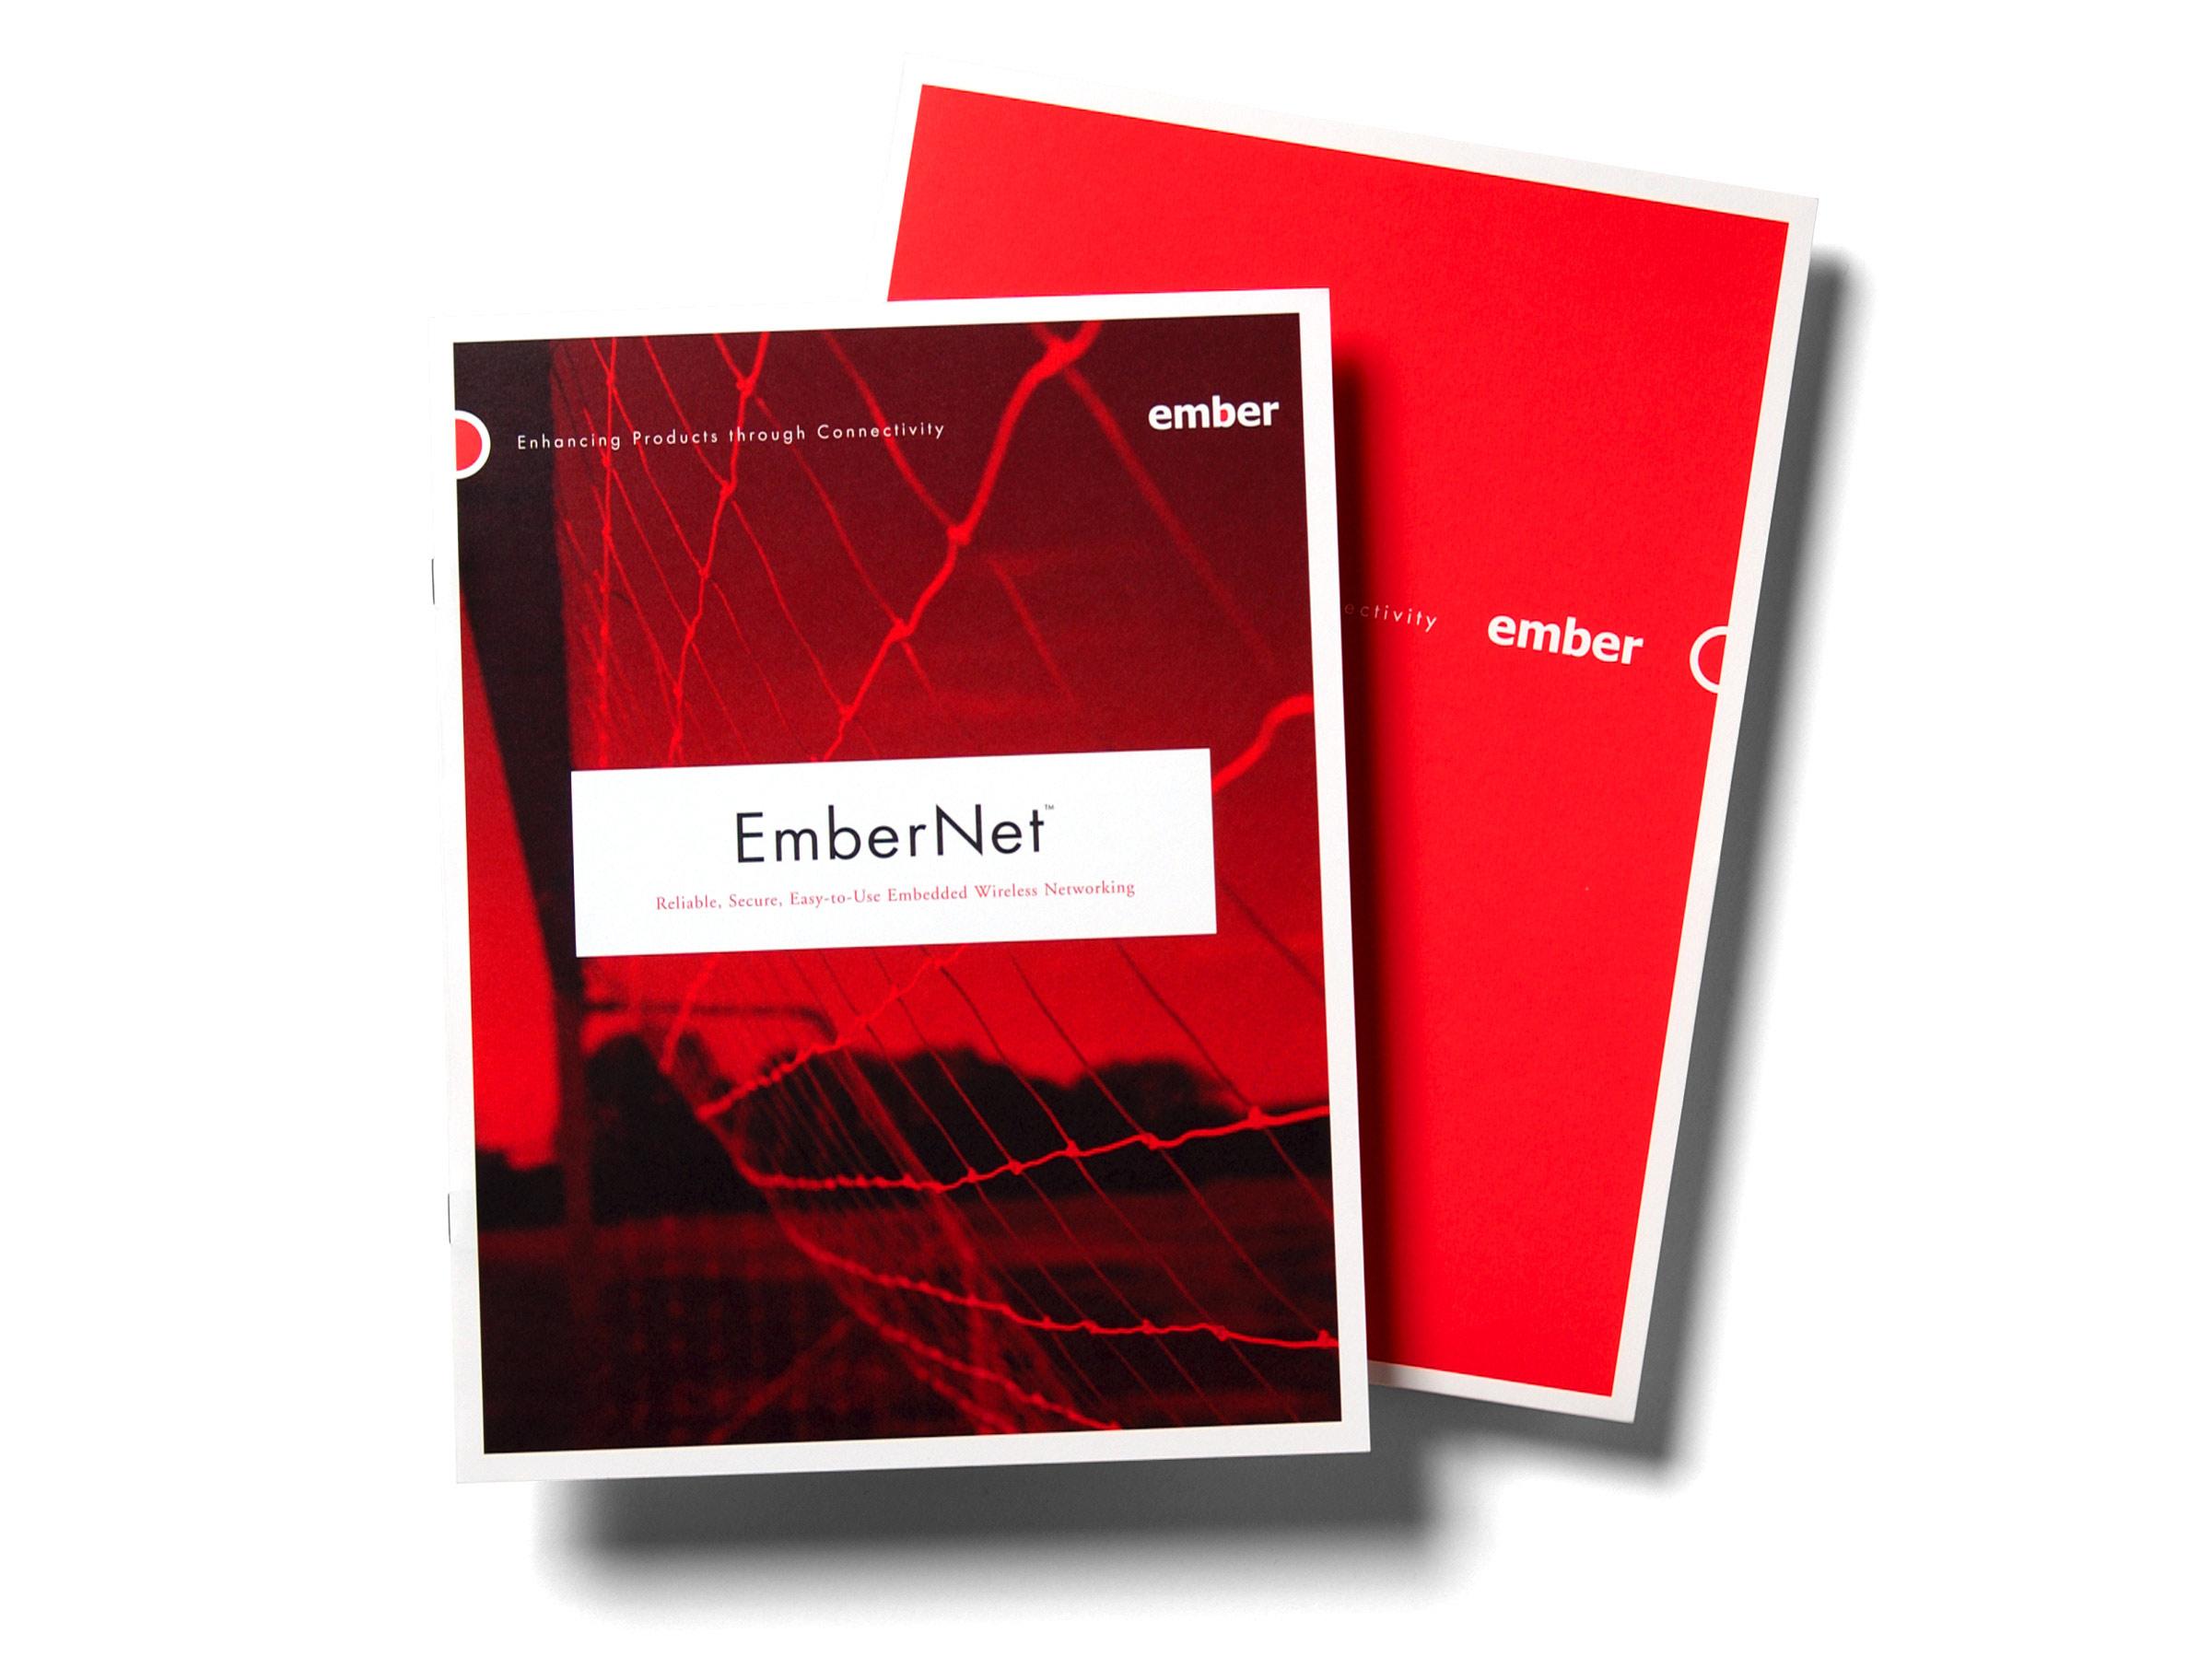 Ember Corporation Branding